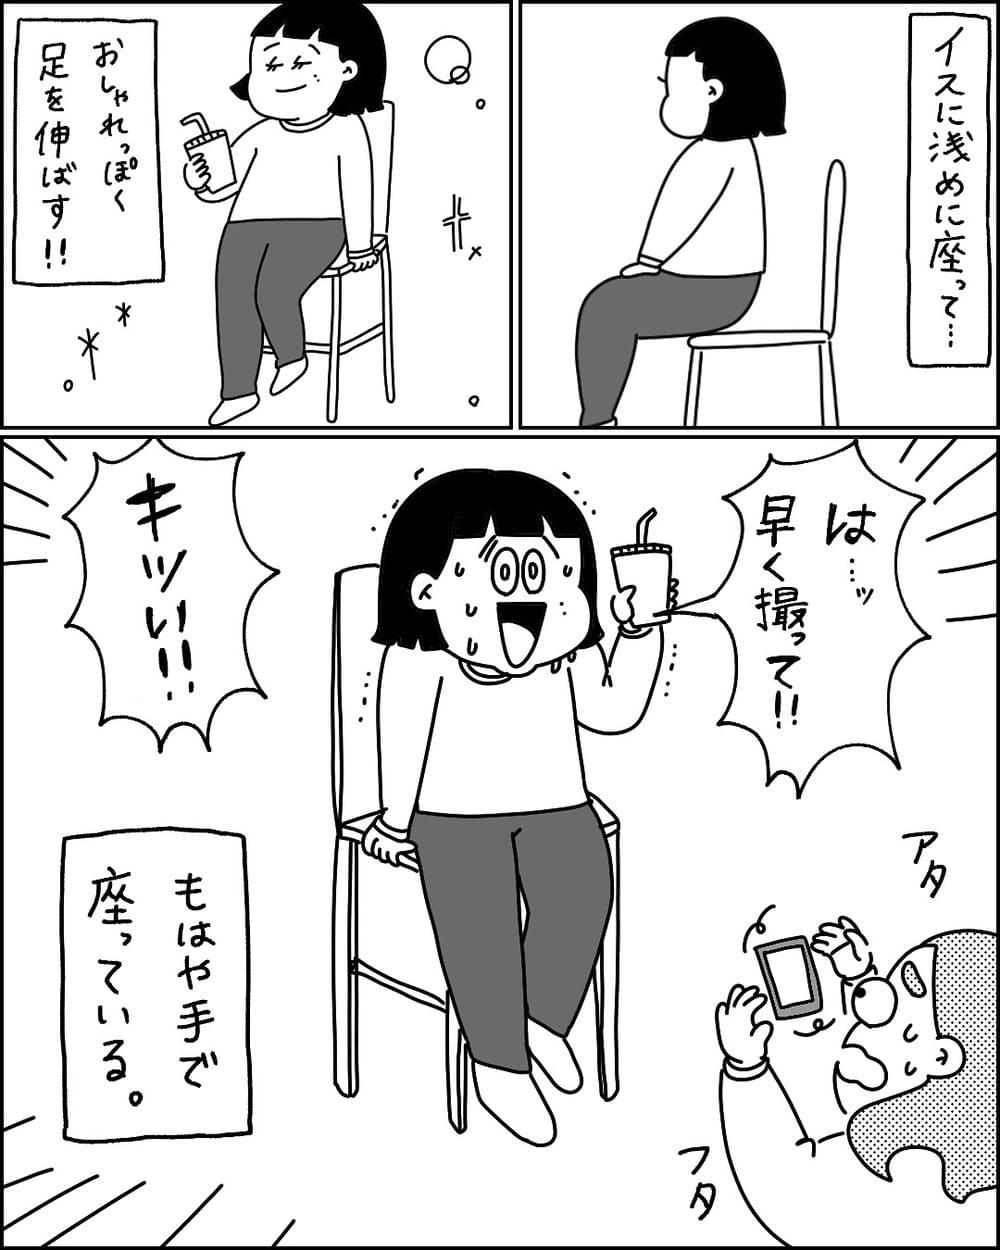 食事 ぽっちゃり ダイエット 姉妹